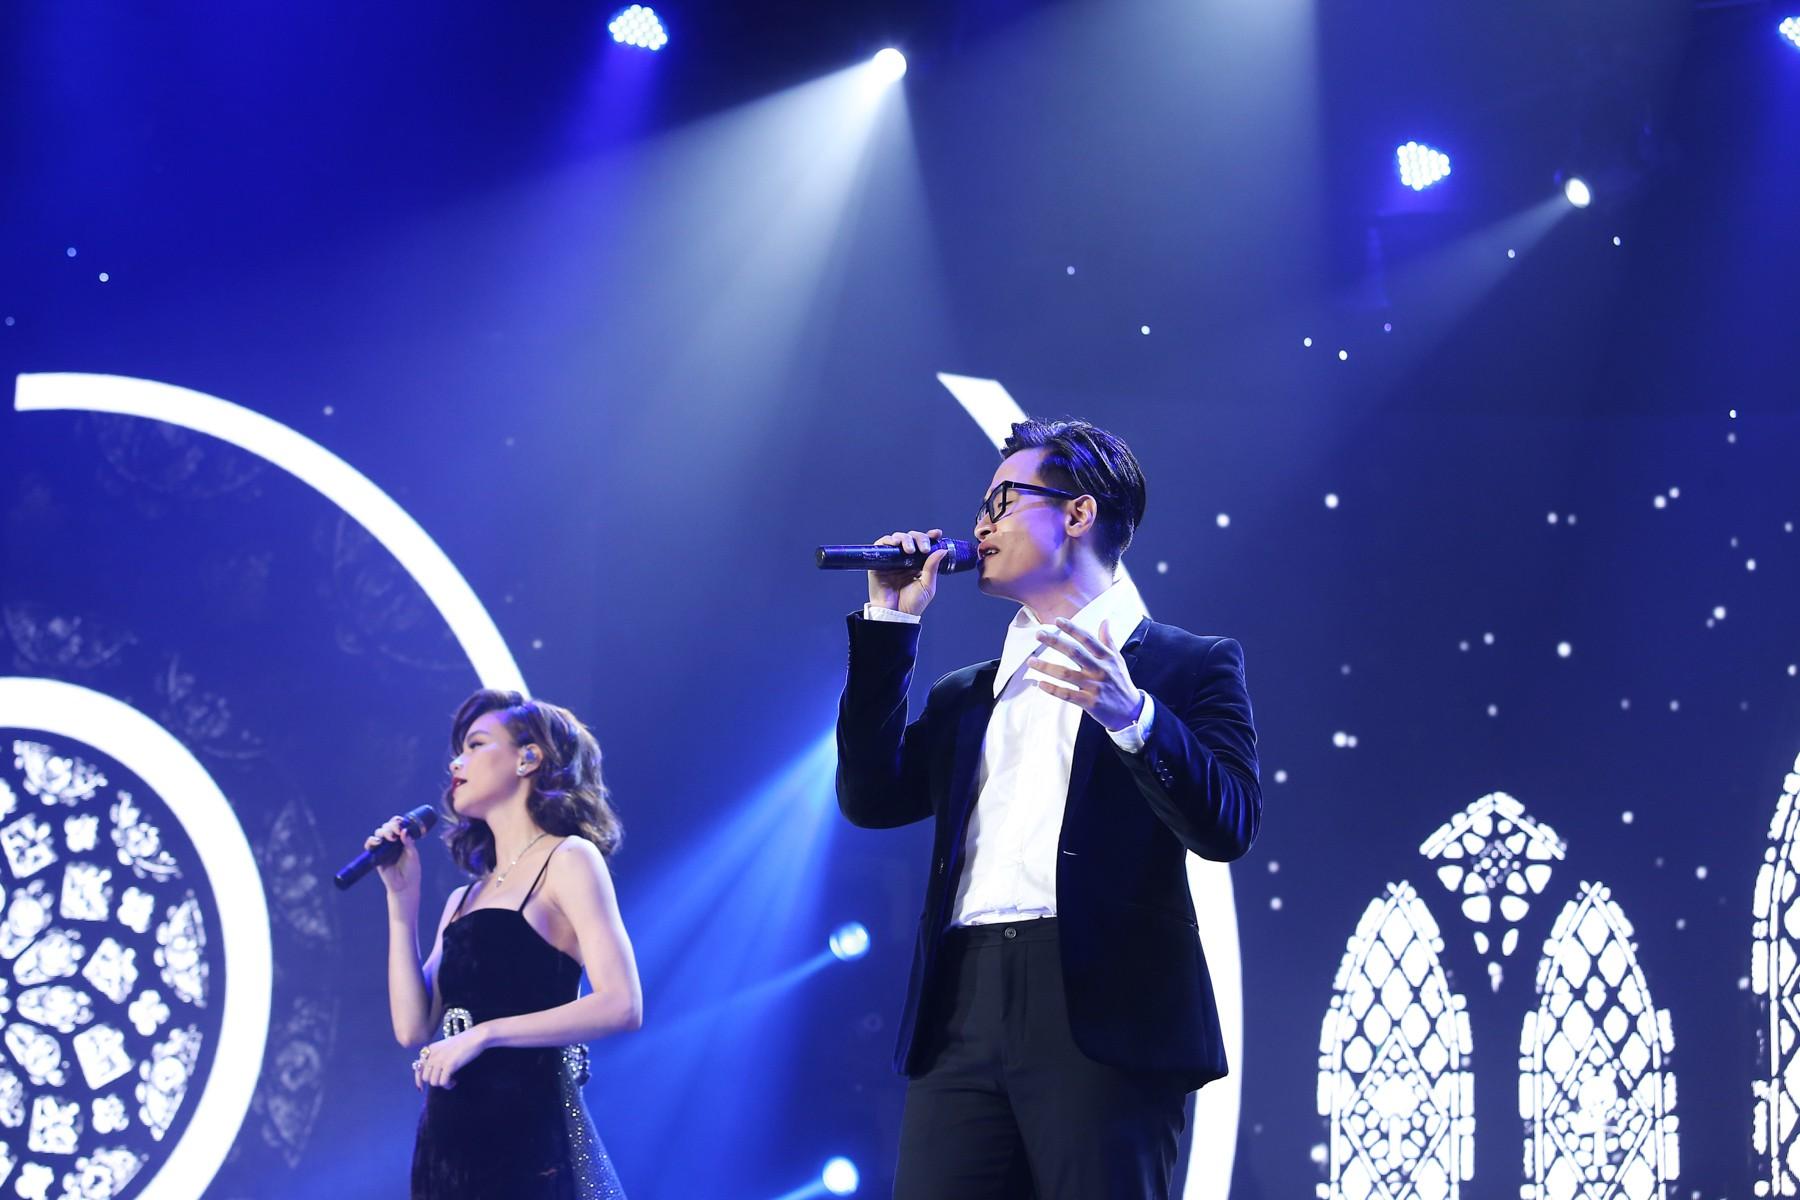 Hà Anh Tuấn tái hợp Hồ Ngọc Hà sau 4 năm, gây thổn thức khi đổi hit của nhau - Ảnh 8.